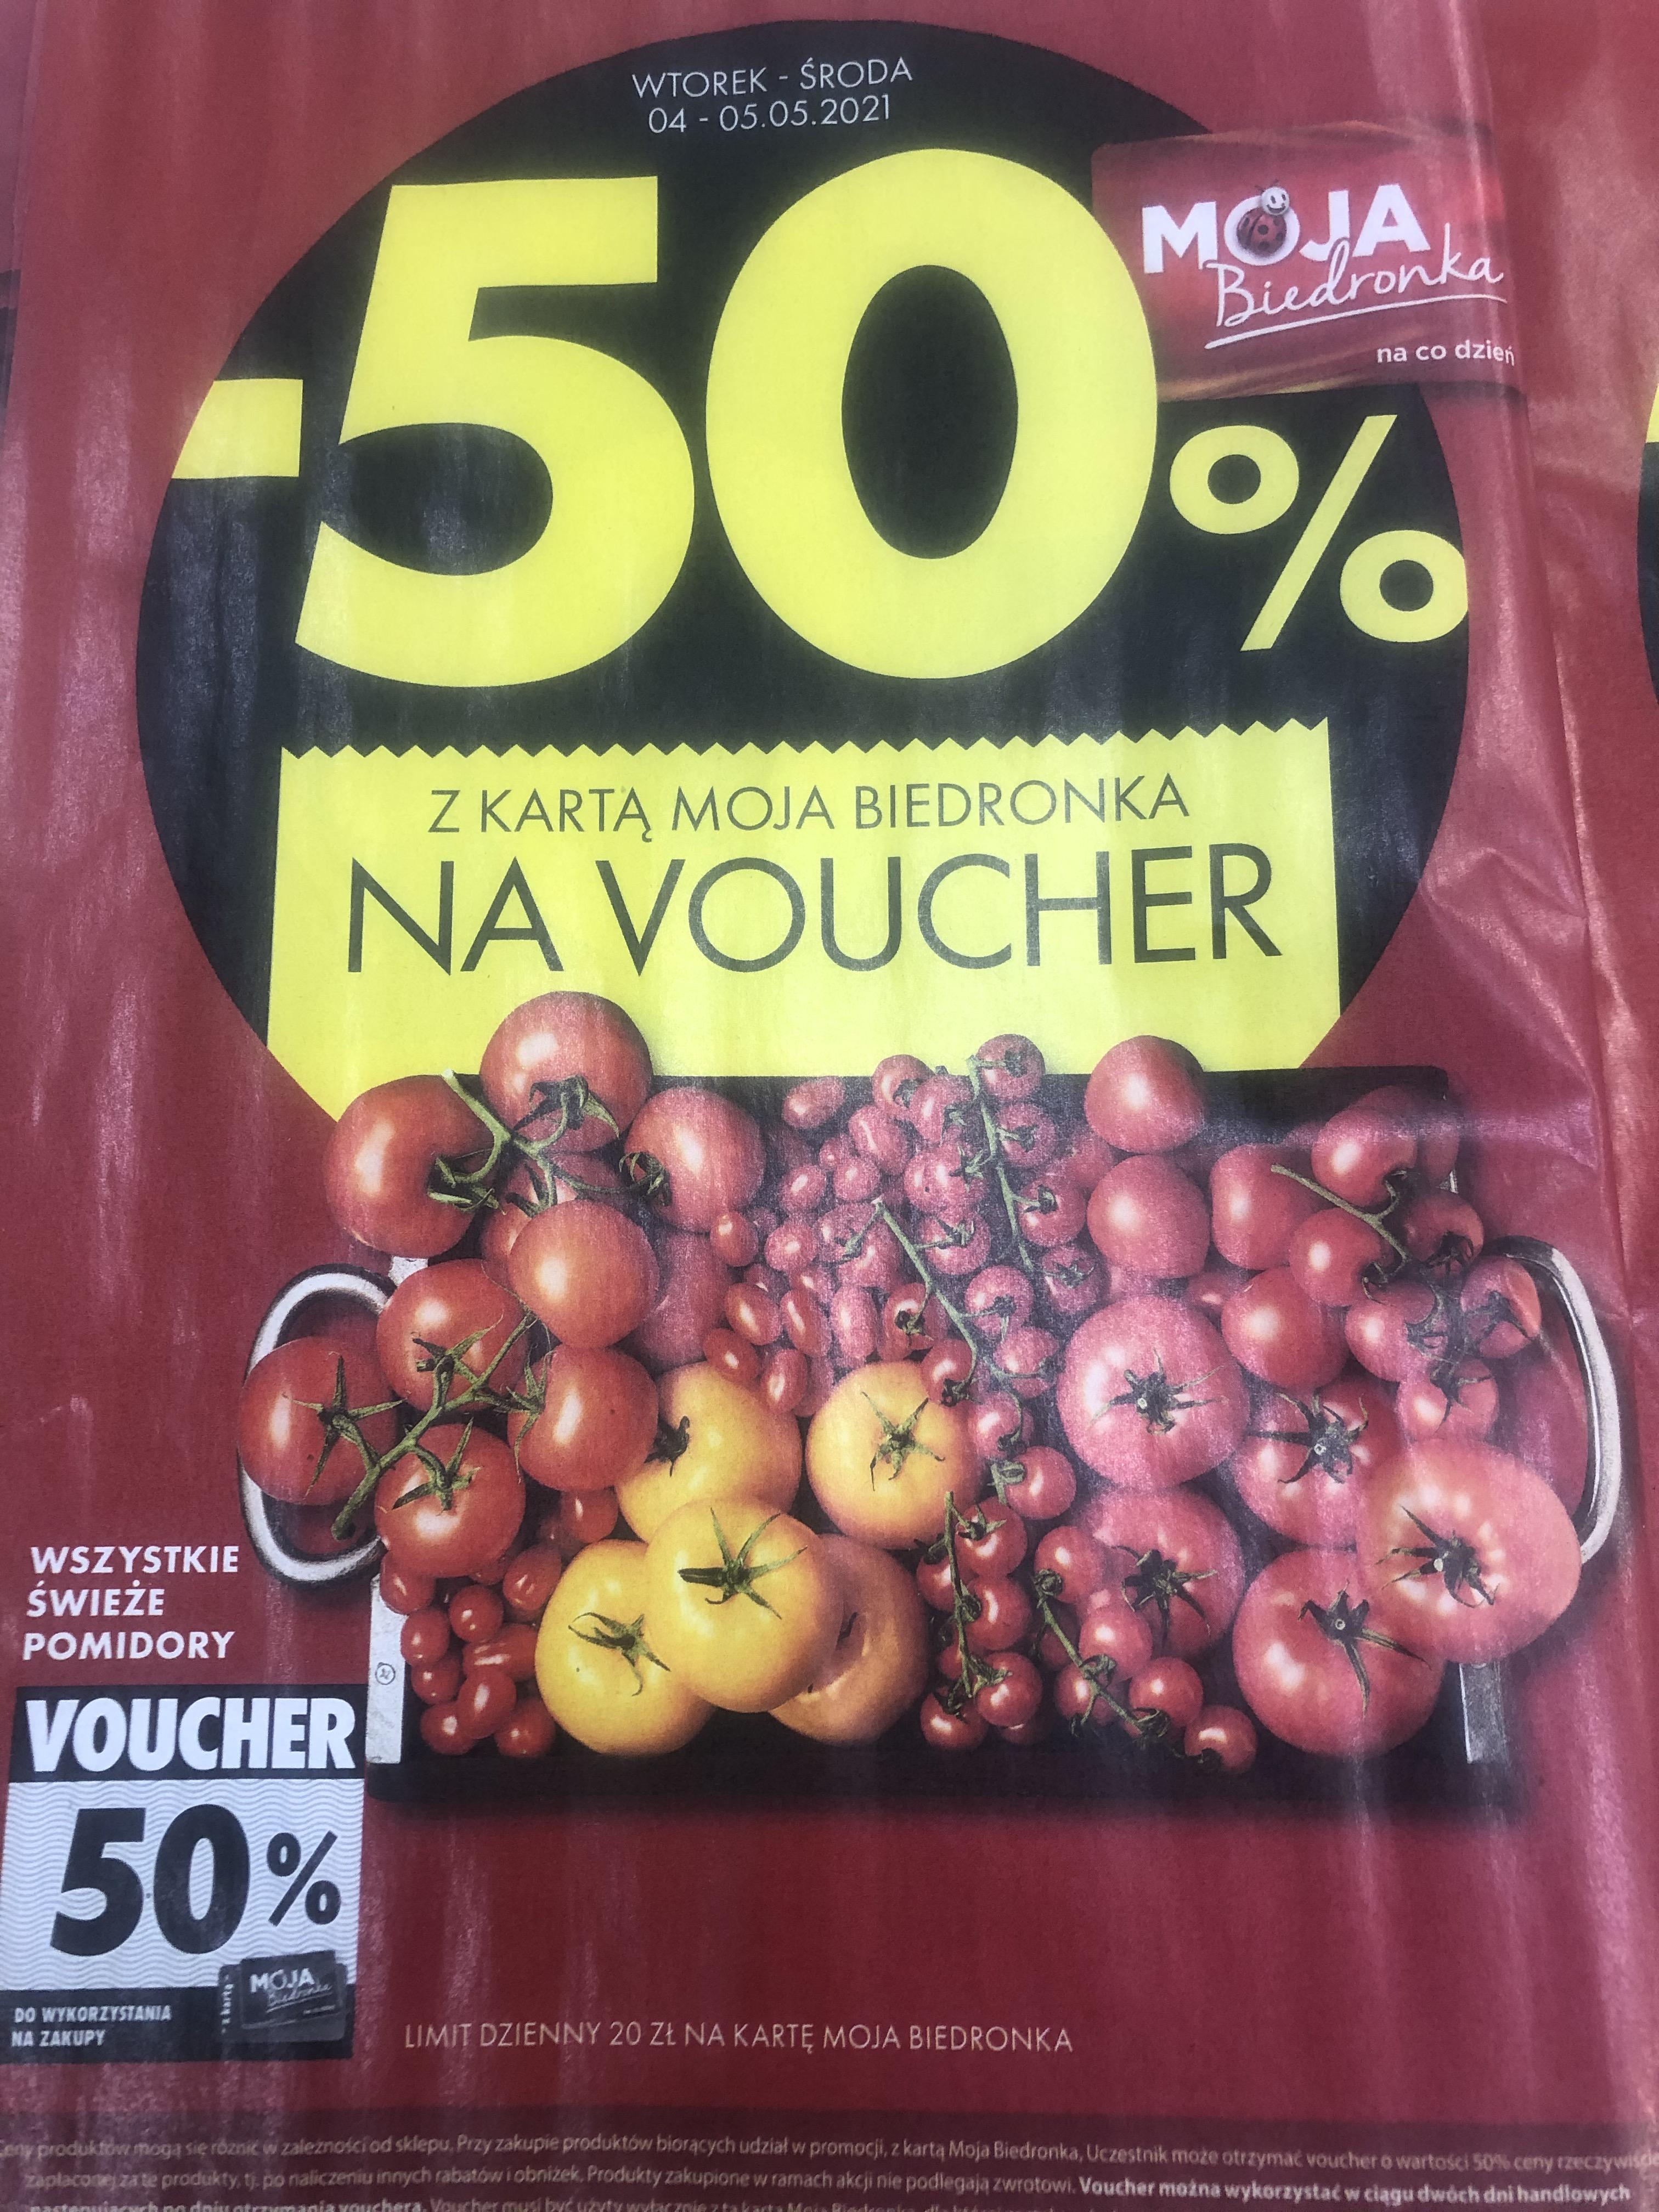 Voucher -50% za zakup pomidorów max 20zł